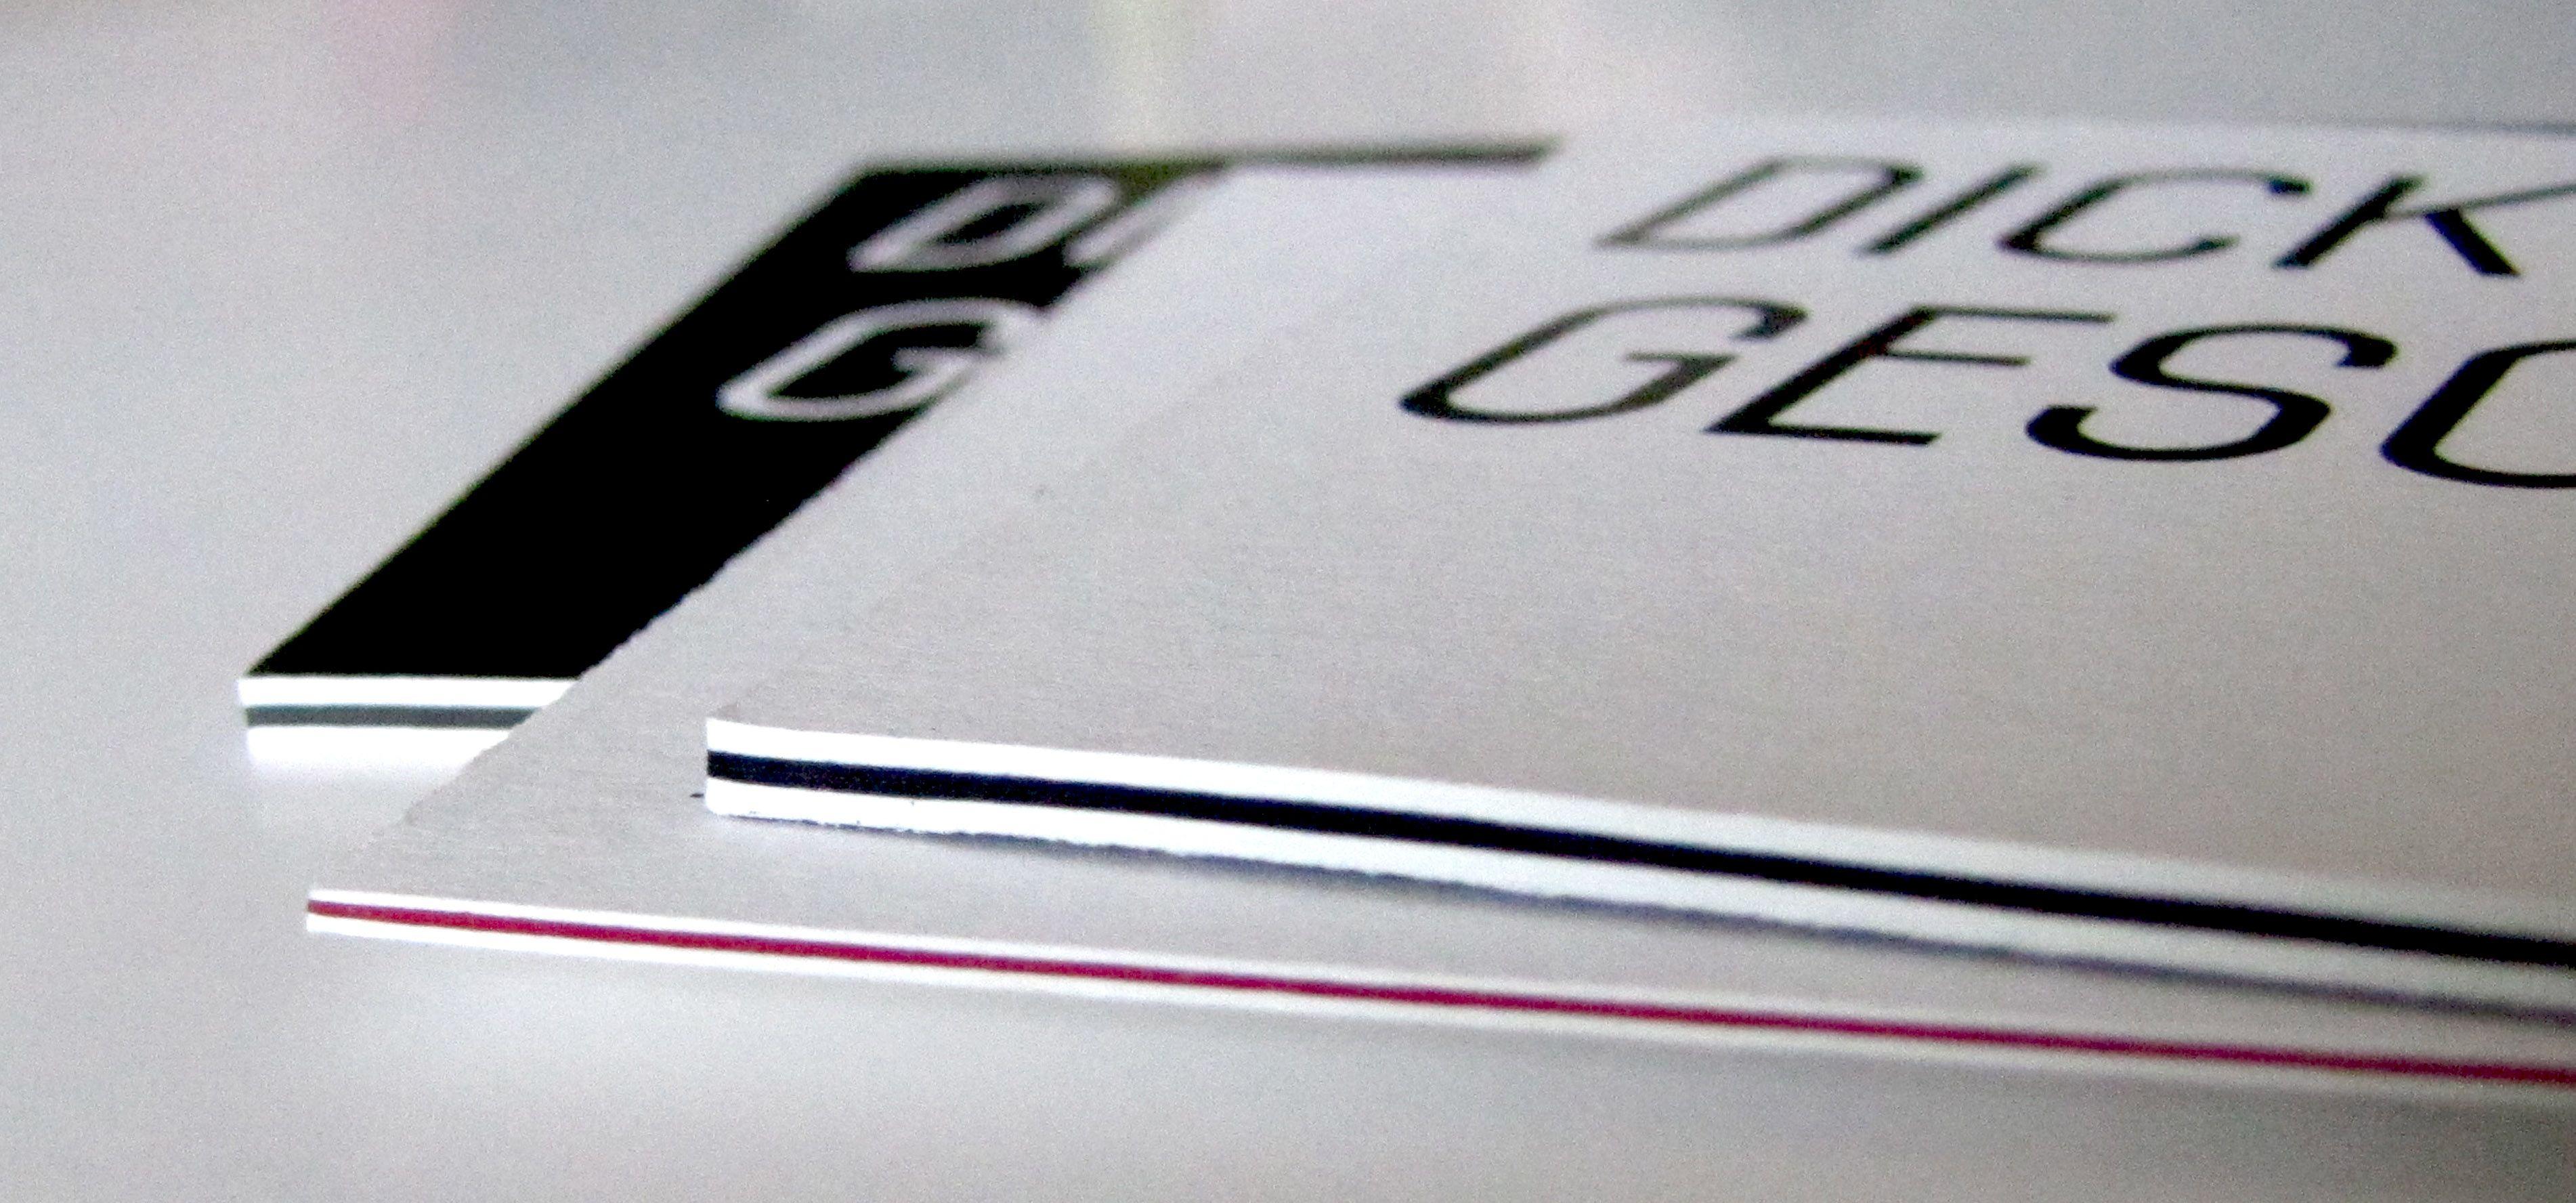 Black White Mit Multiloft Die Unterste Karte Ist Ne